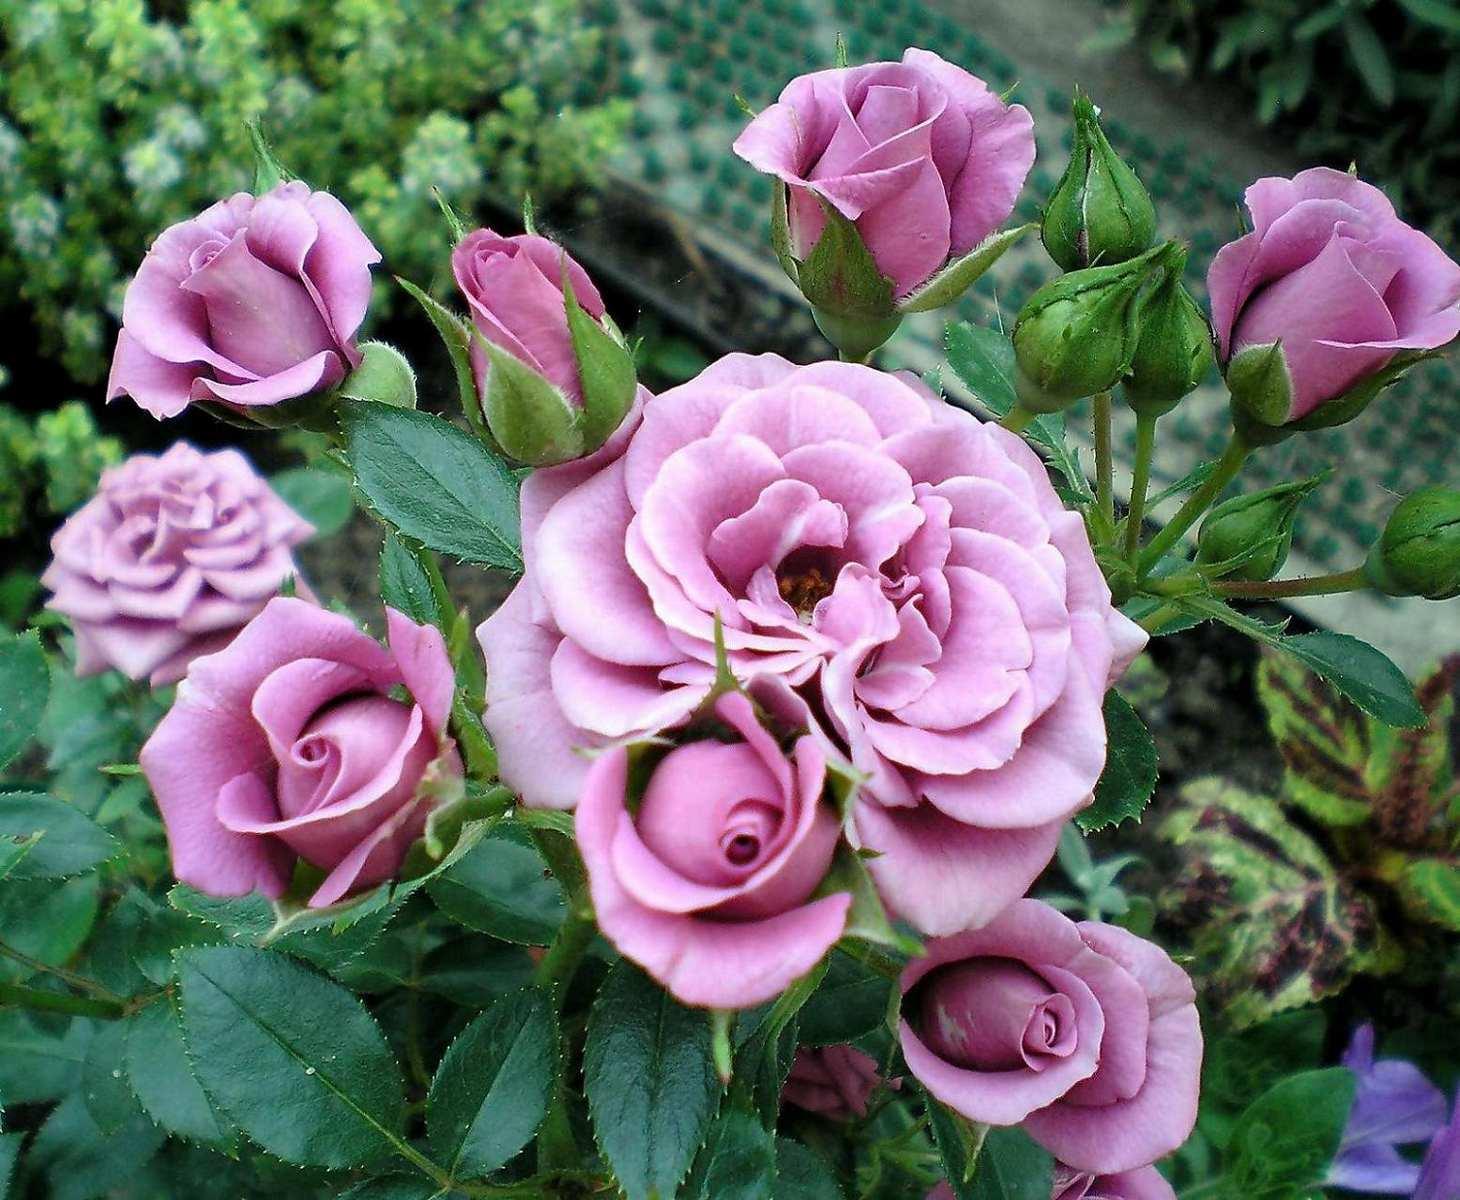 сорта миниатюрных роз с фото и названиями вам